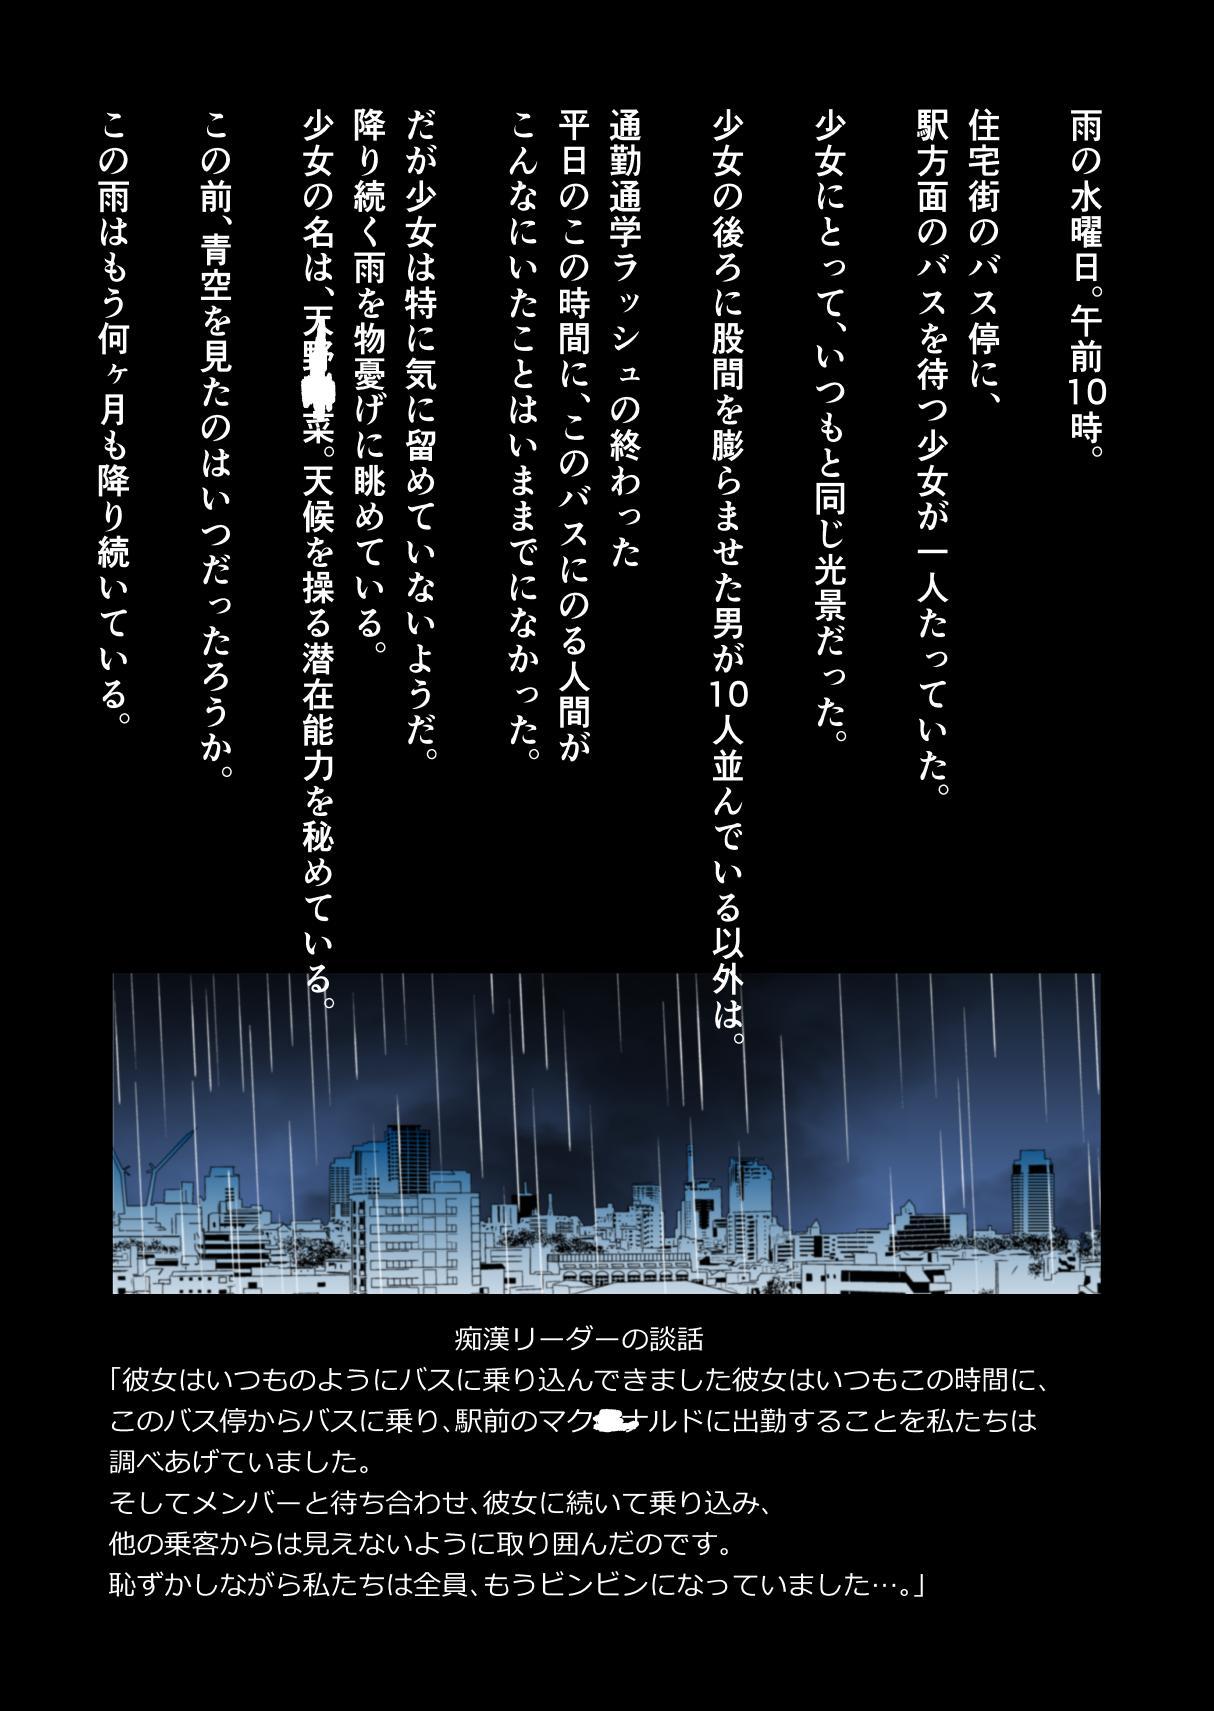 Tenki no Ko o Bus Chikan de Shikkin Zecchou Saseta Watashi no Riyuu 1